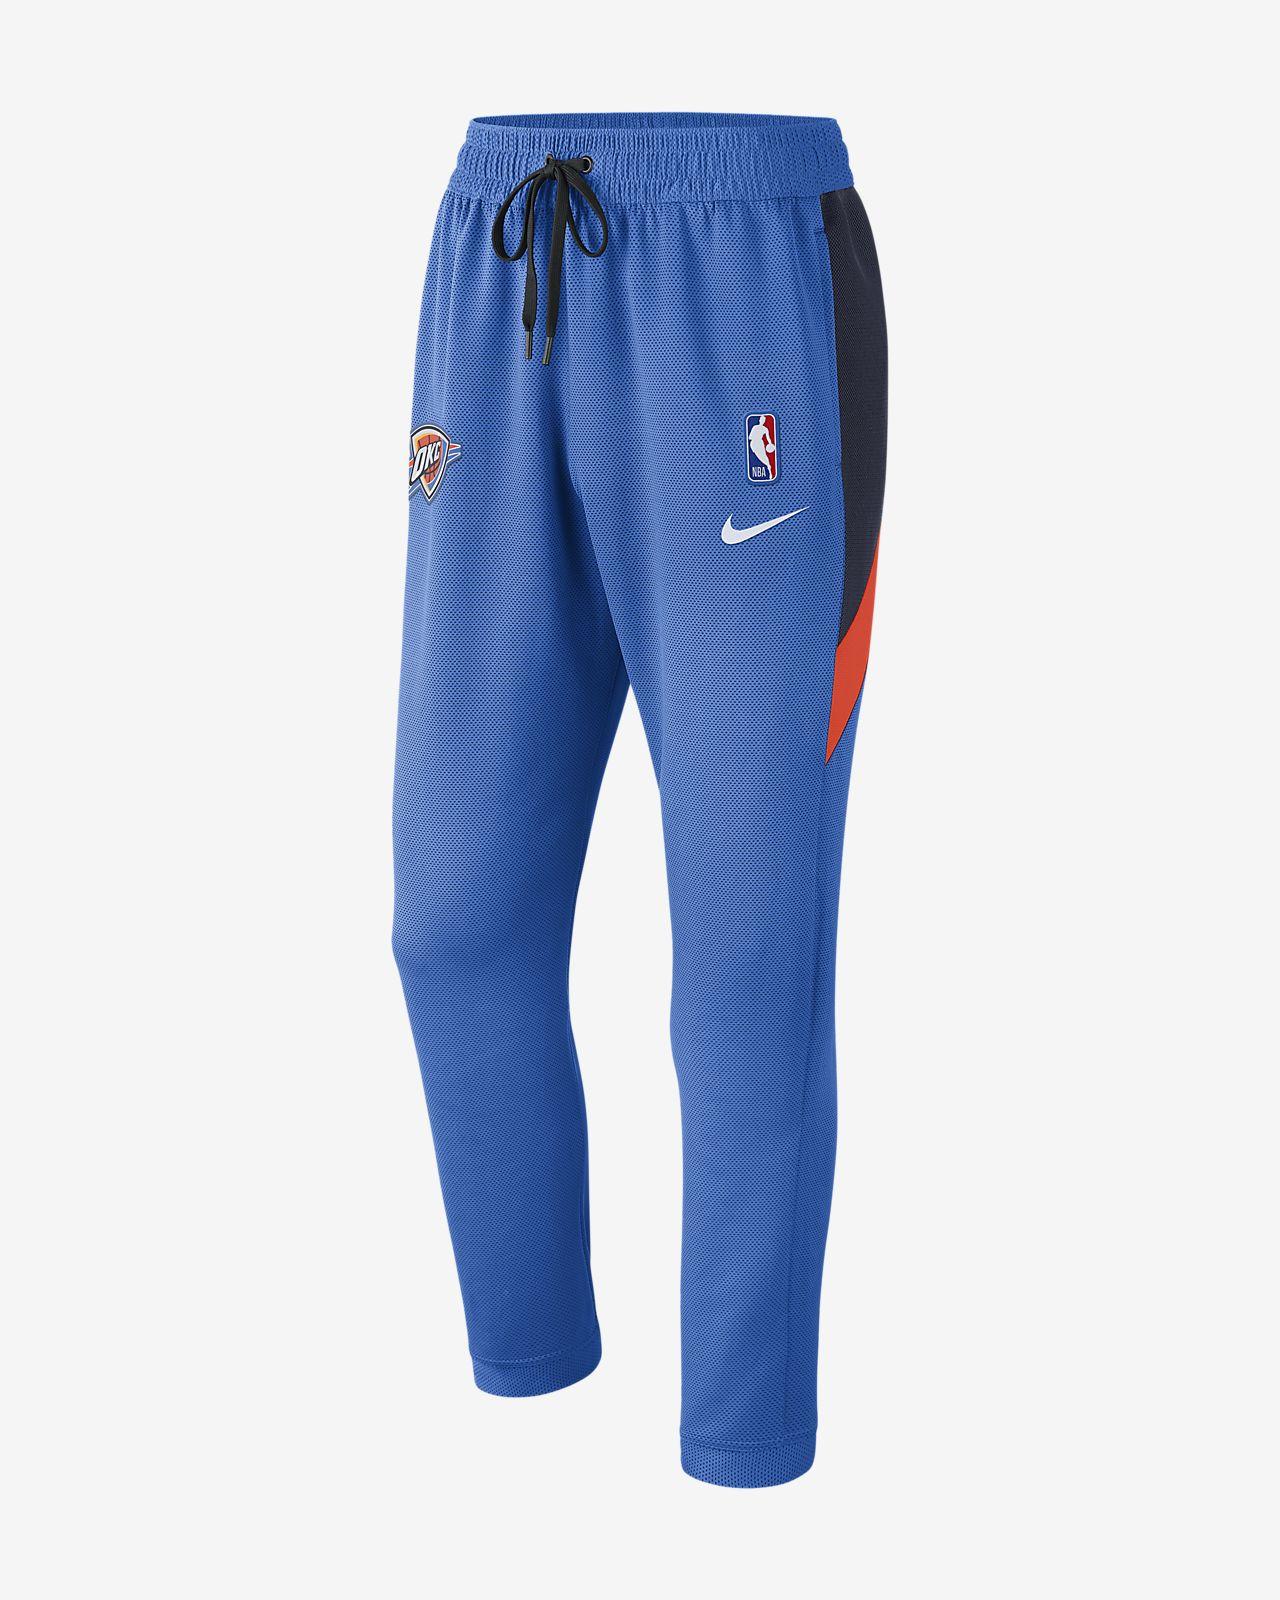 Pantalon NBA Oklahoma City Thunder Nike Therma Flex Showtime pour Homme